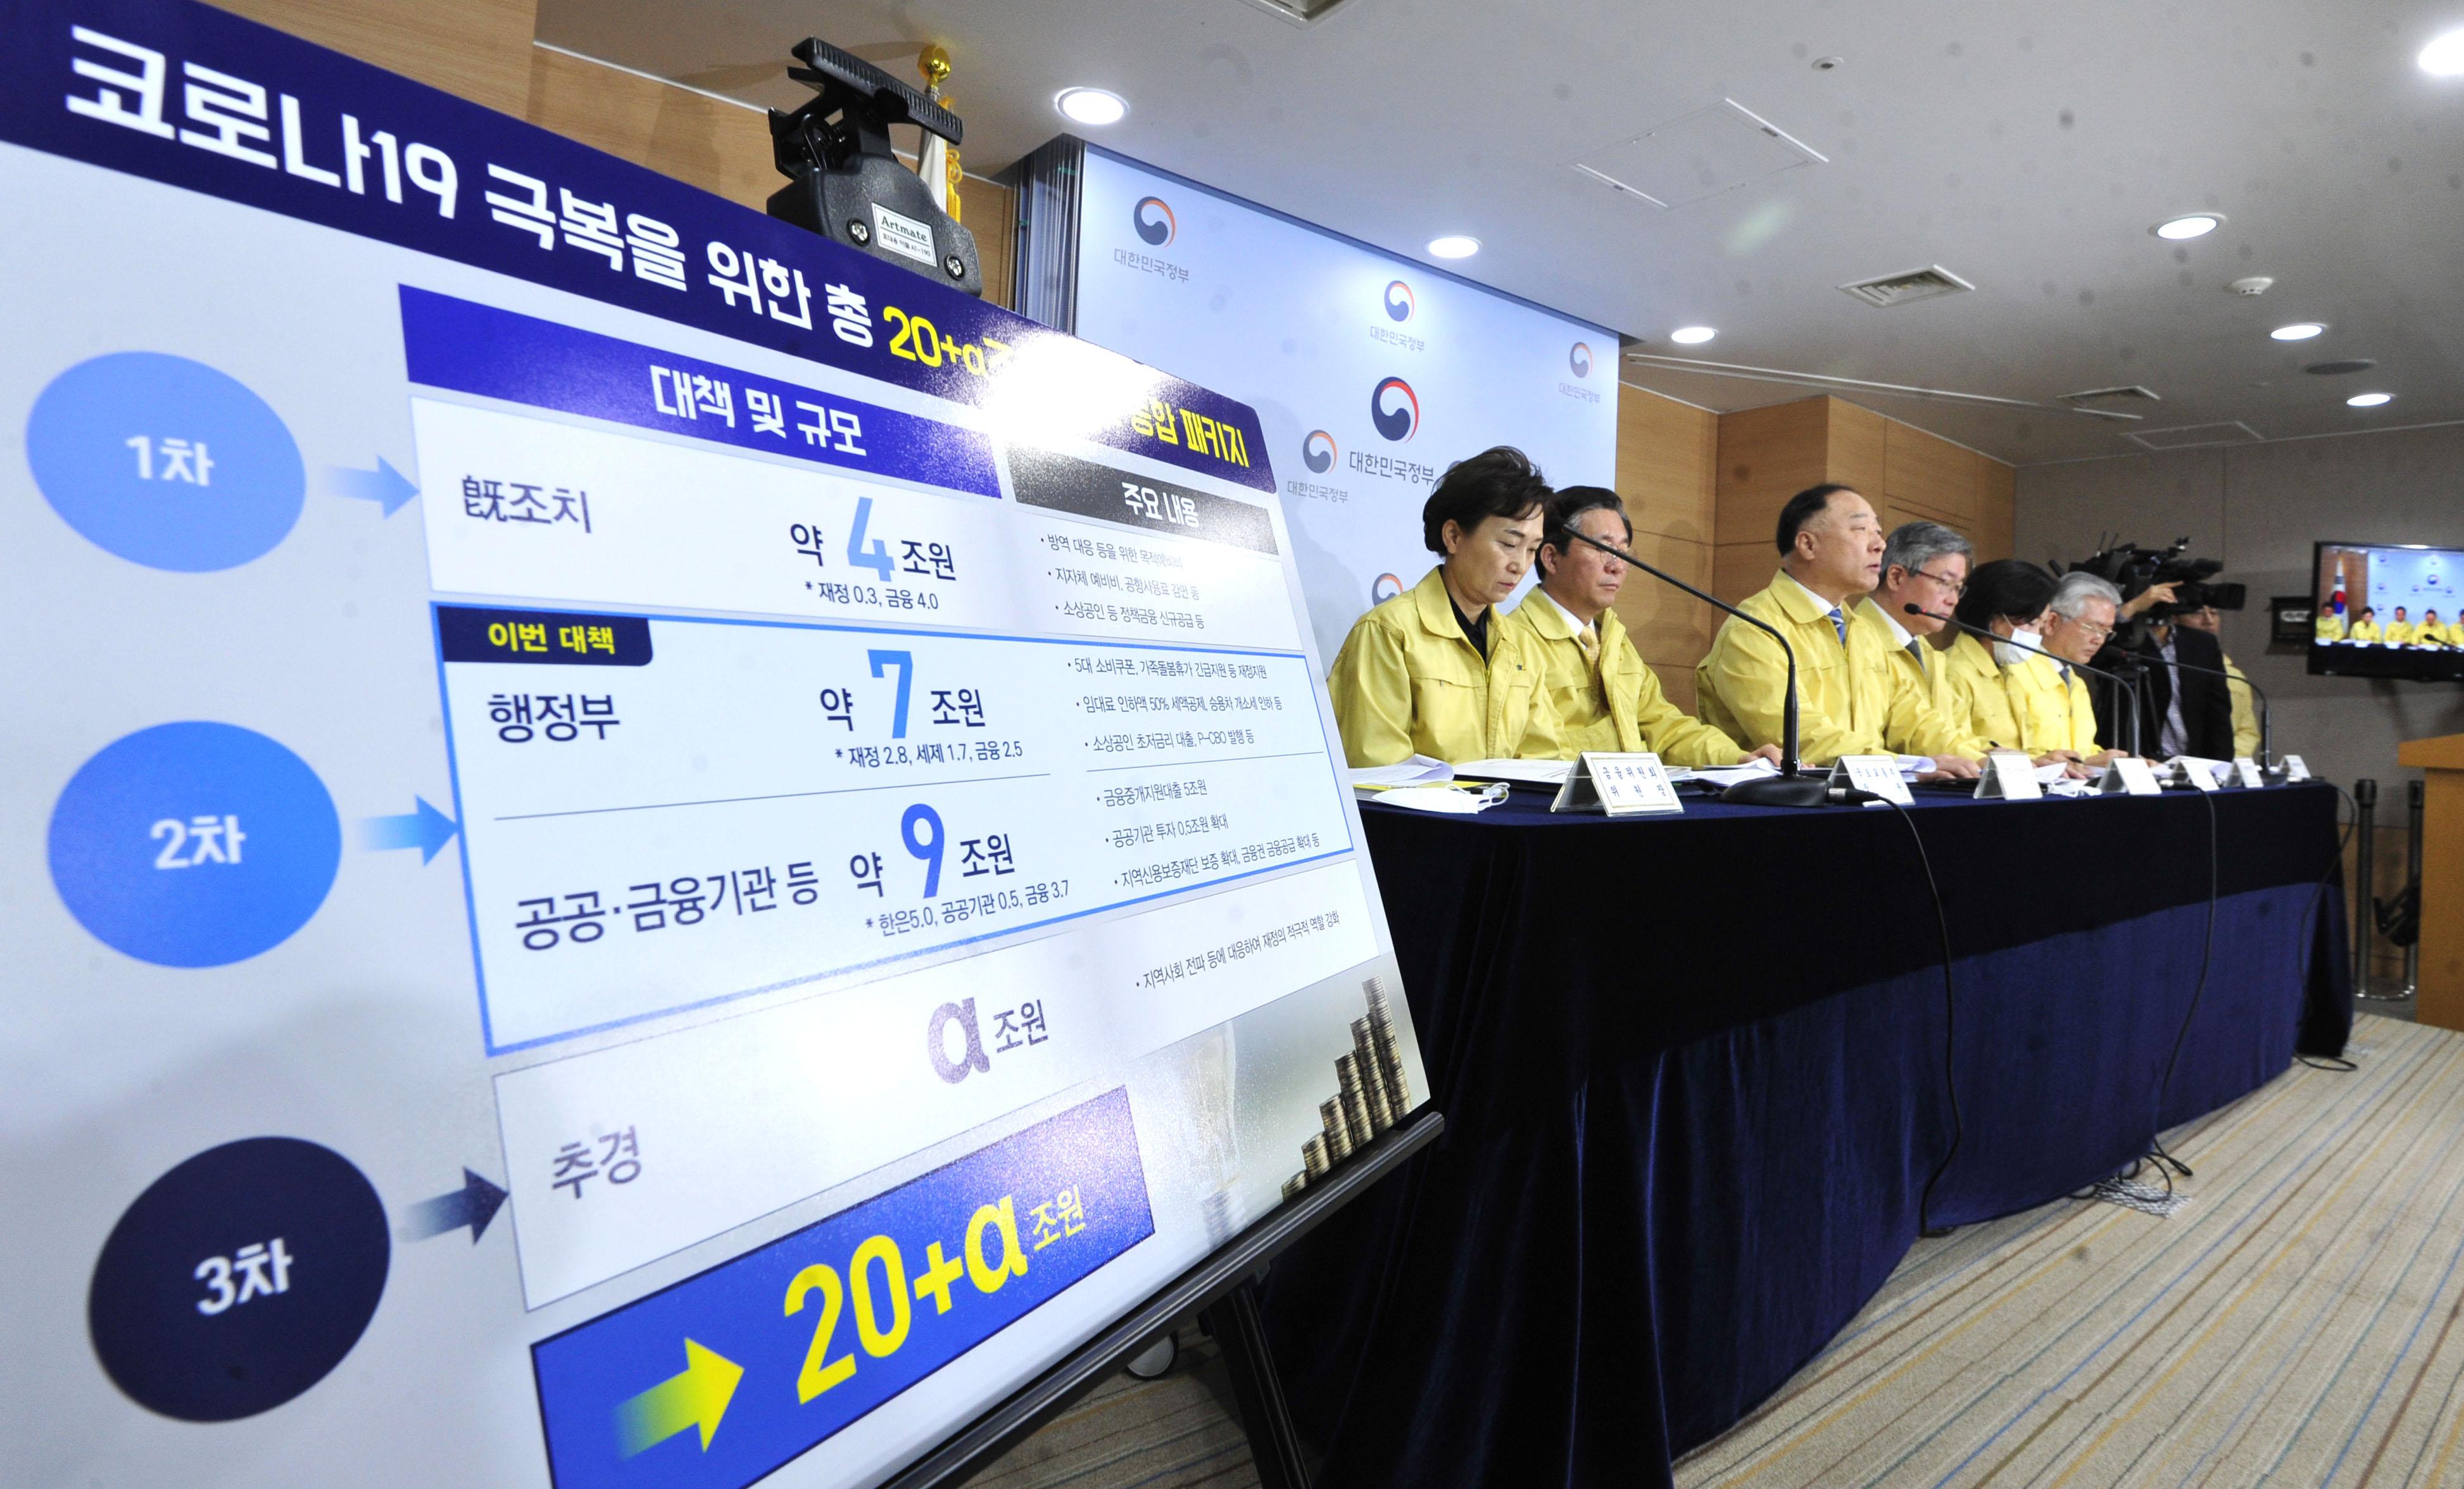 '코로나19 조기극복 종합대책 발표'